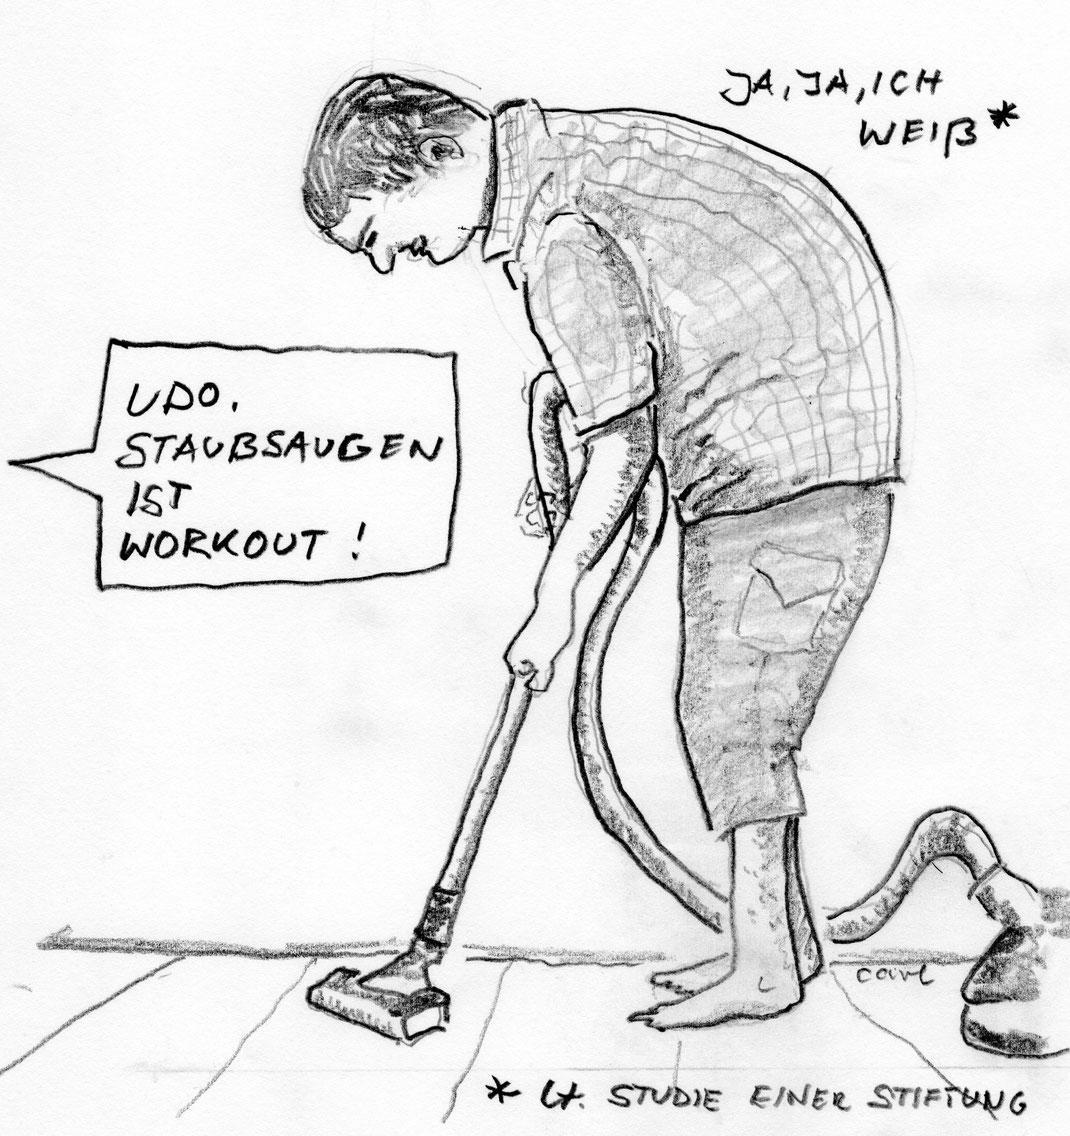 Hausarbeit ist geil und gesund